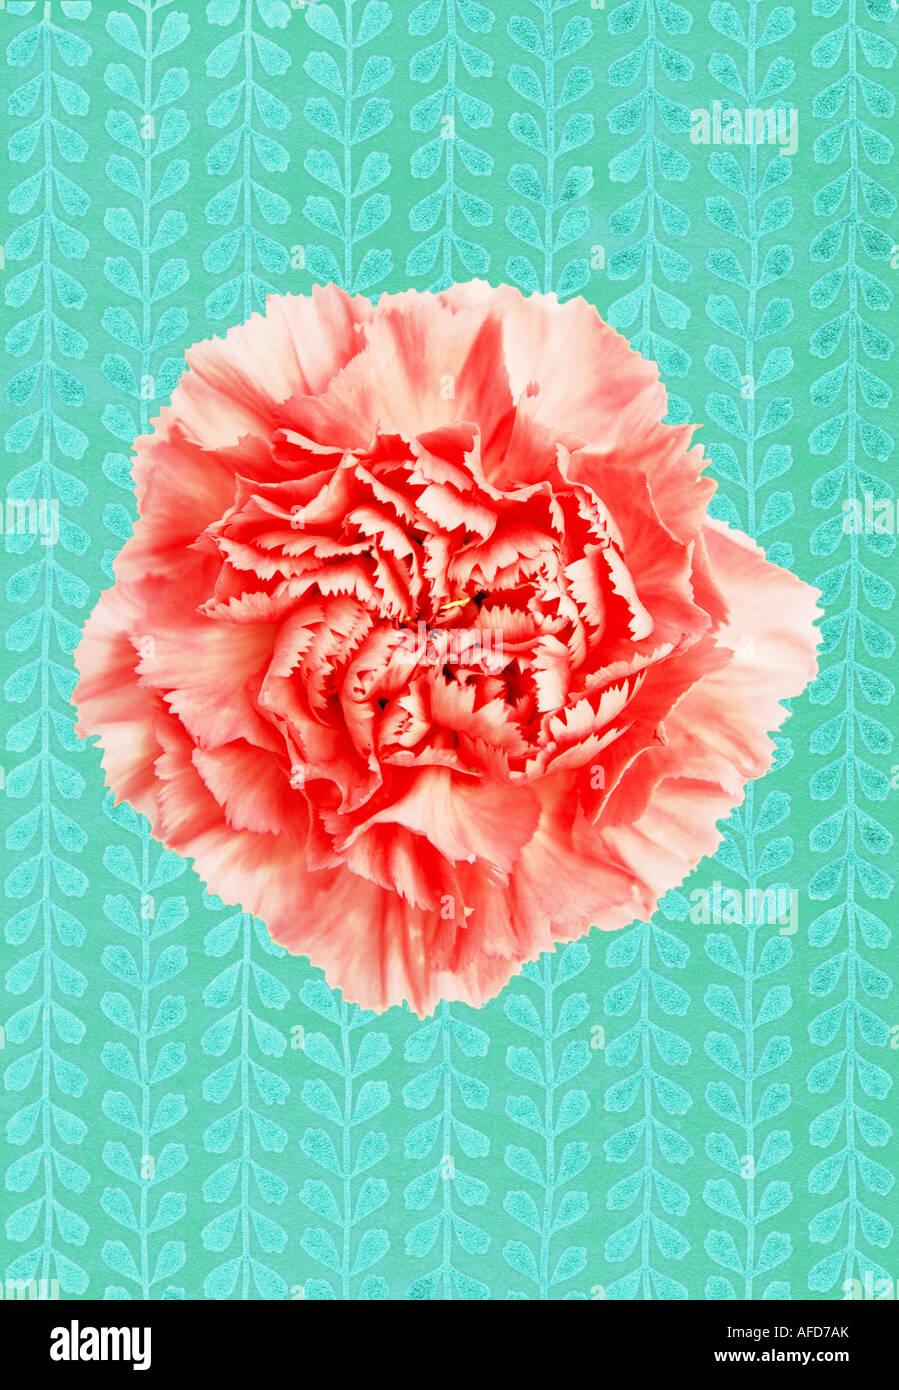 Illustrazione del garofano rosa contro una texture di sfondo modellato Immagini Stock